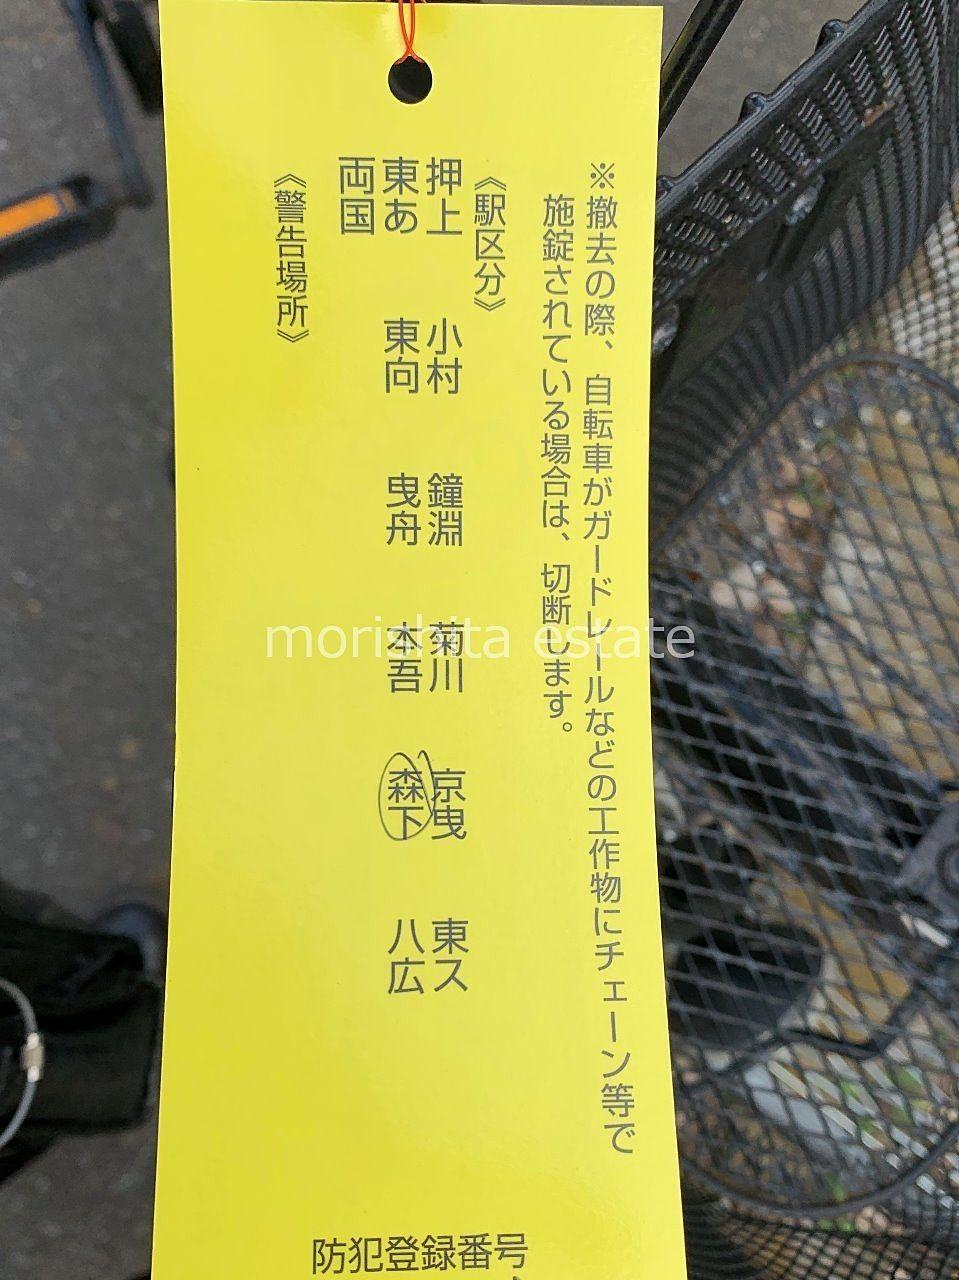 放置自転車 禁止区域